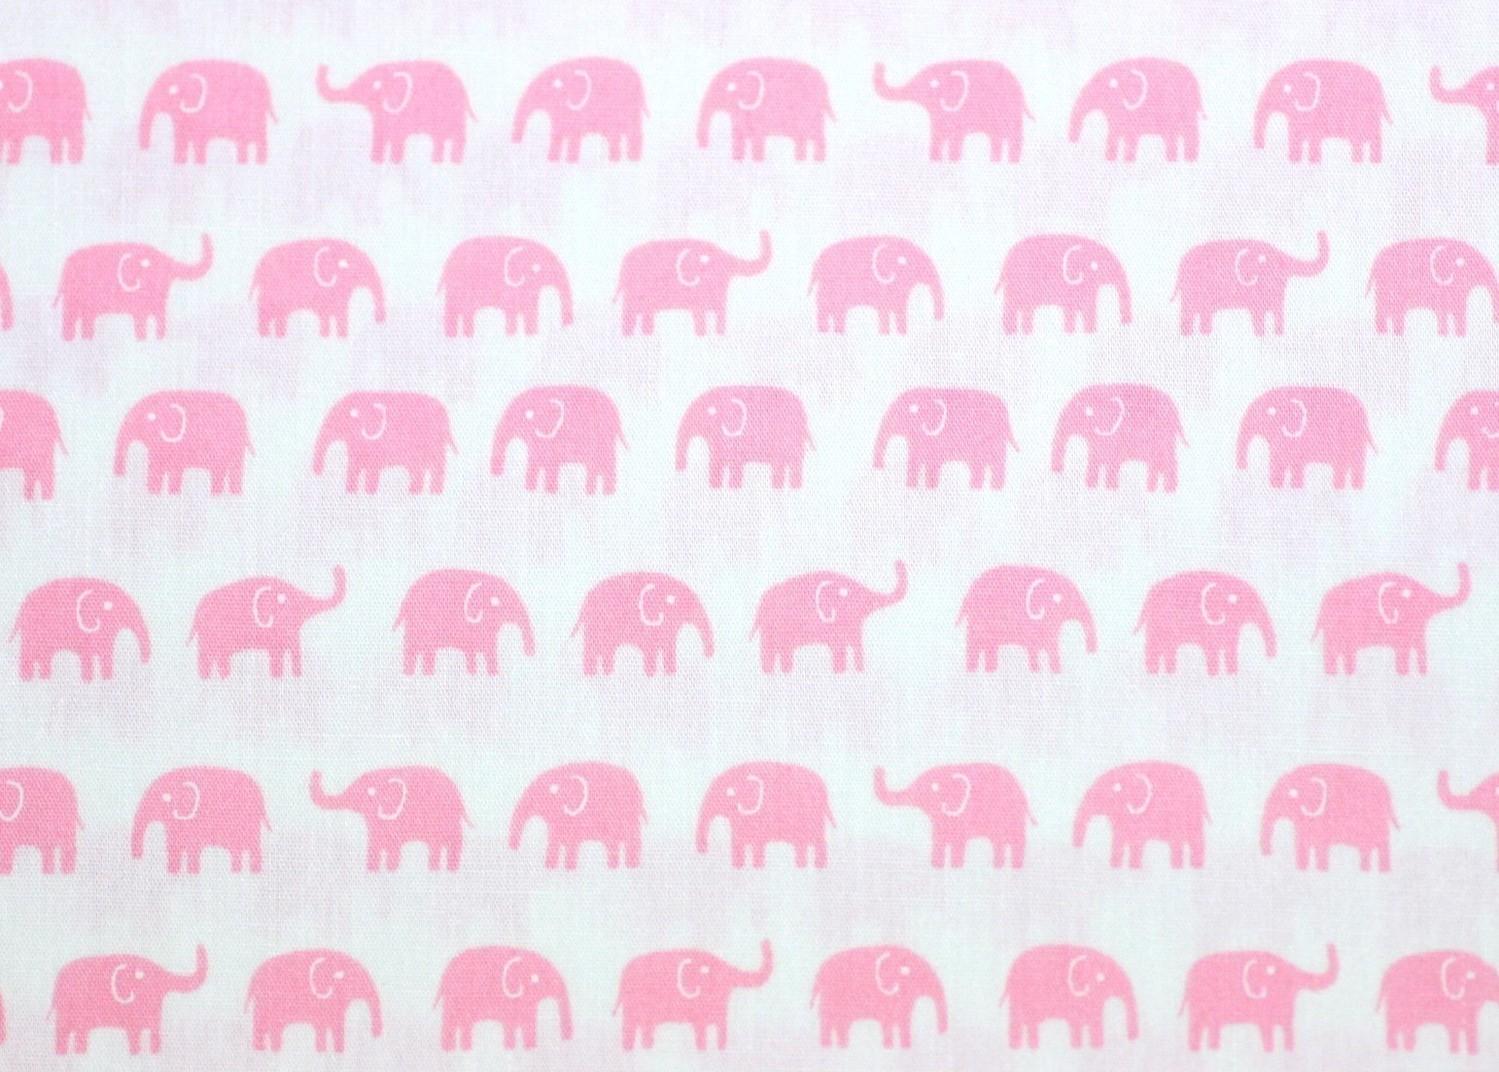 Pink Elephant Wallpaper Wallpapersafari